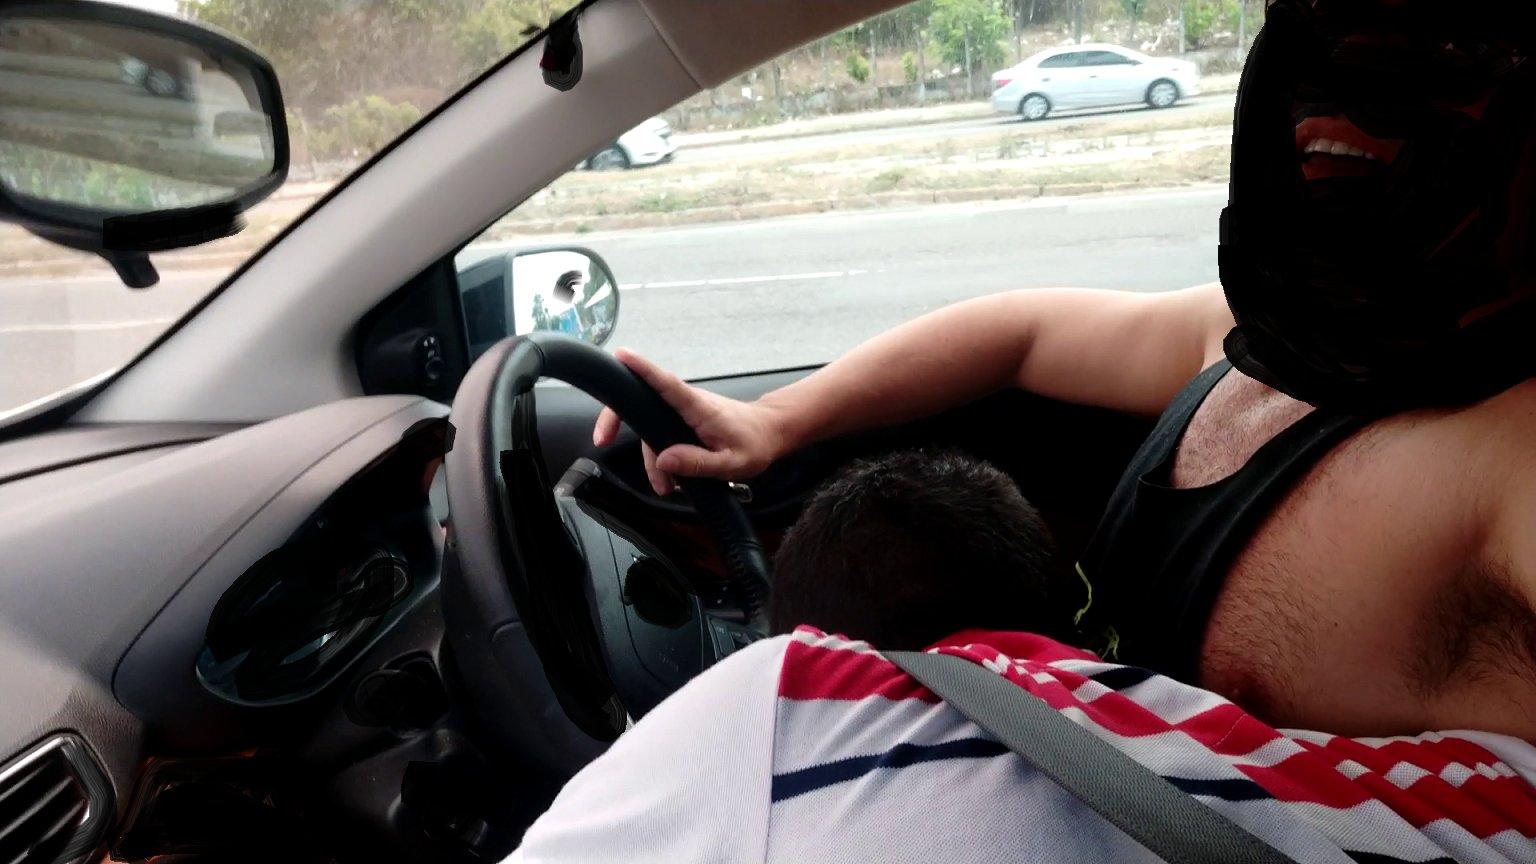 manándosela en el auto